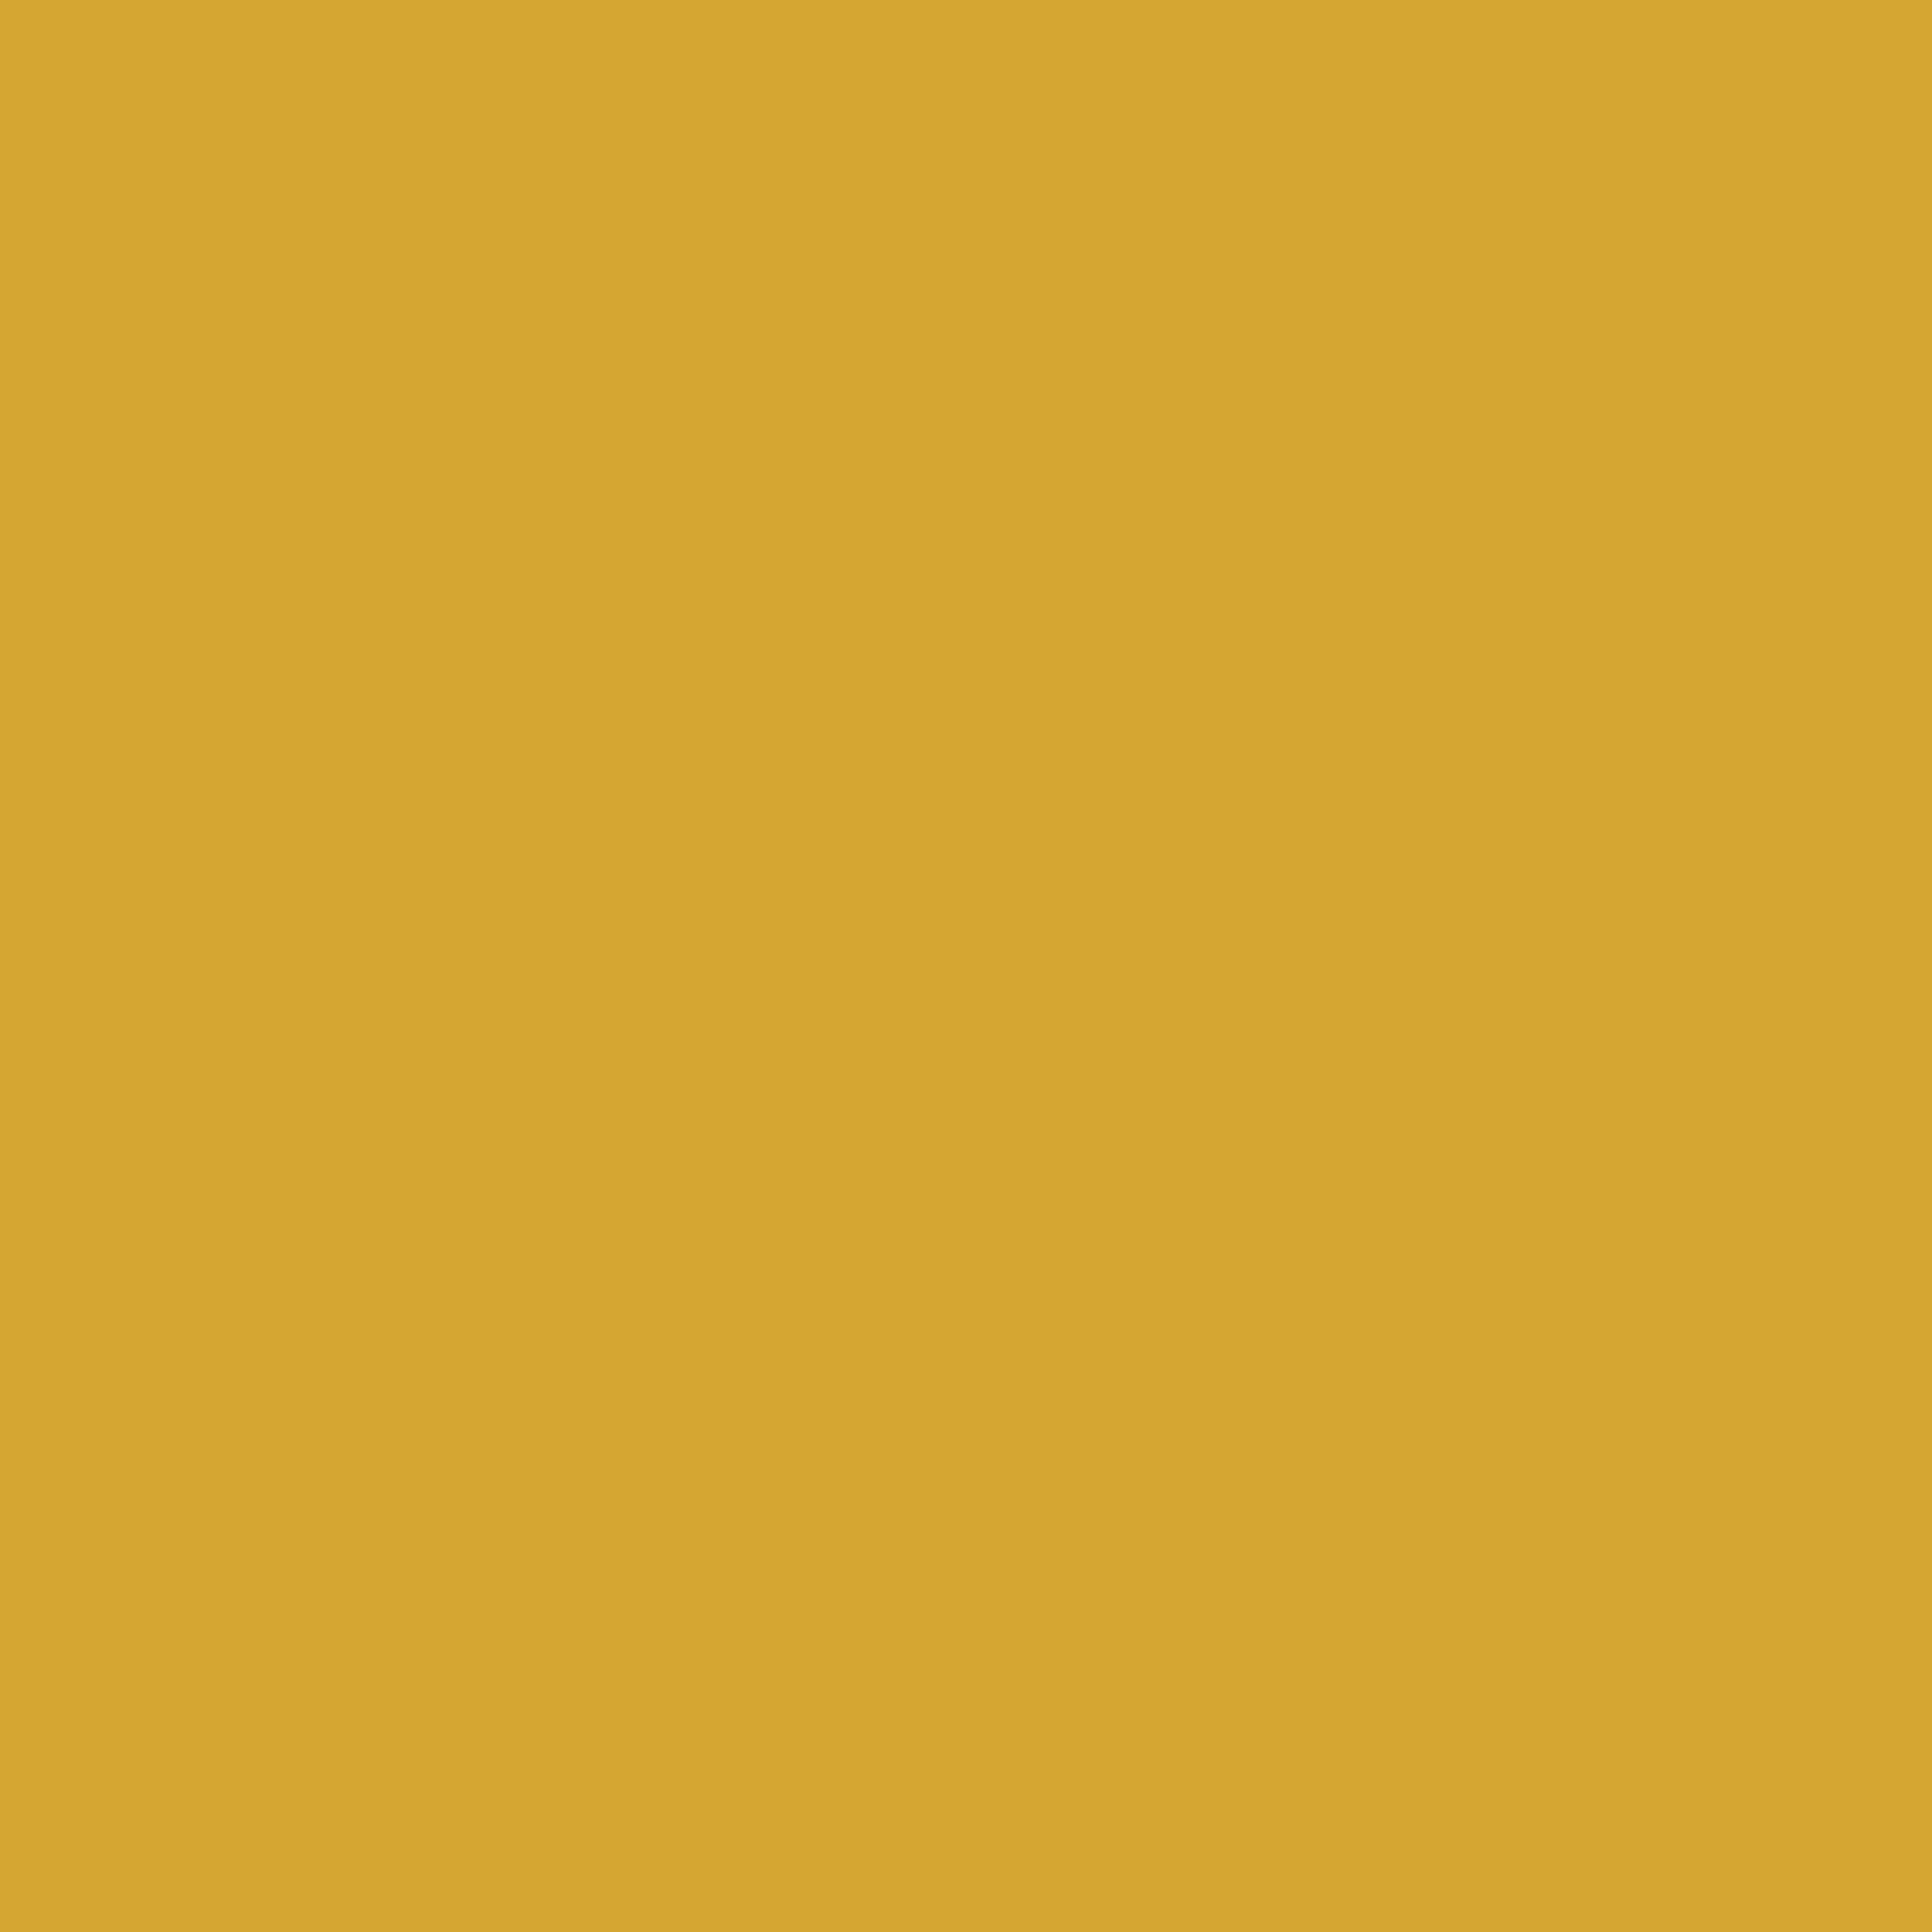 Gebranntes gelb